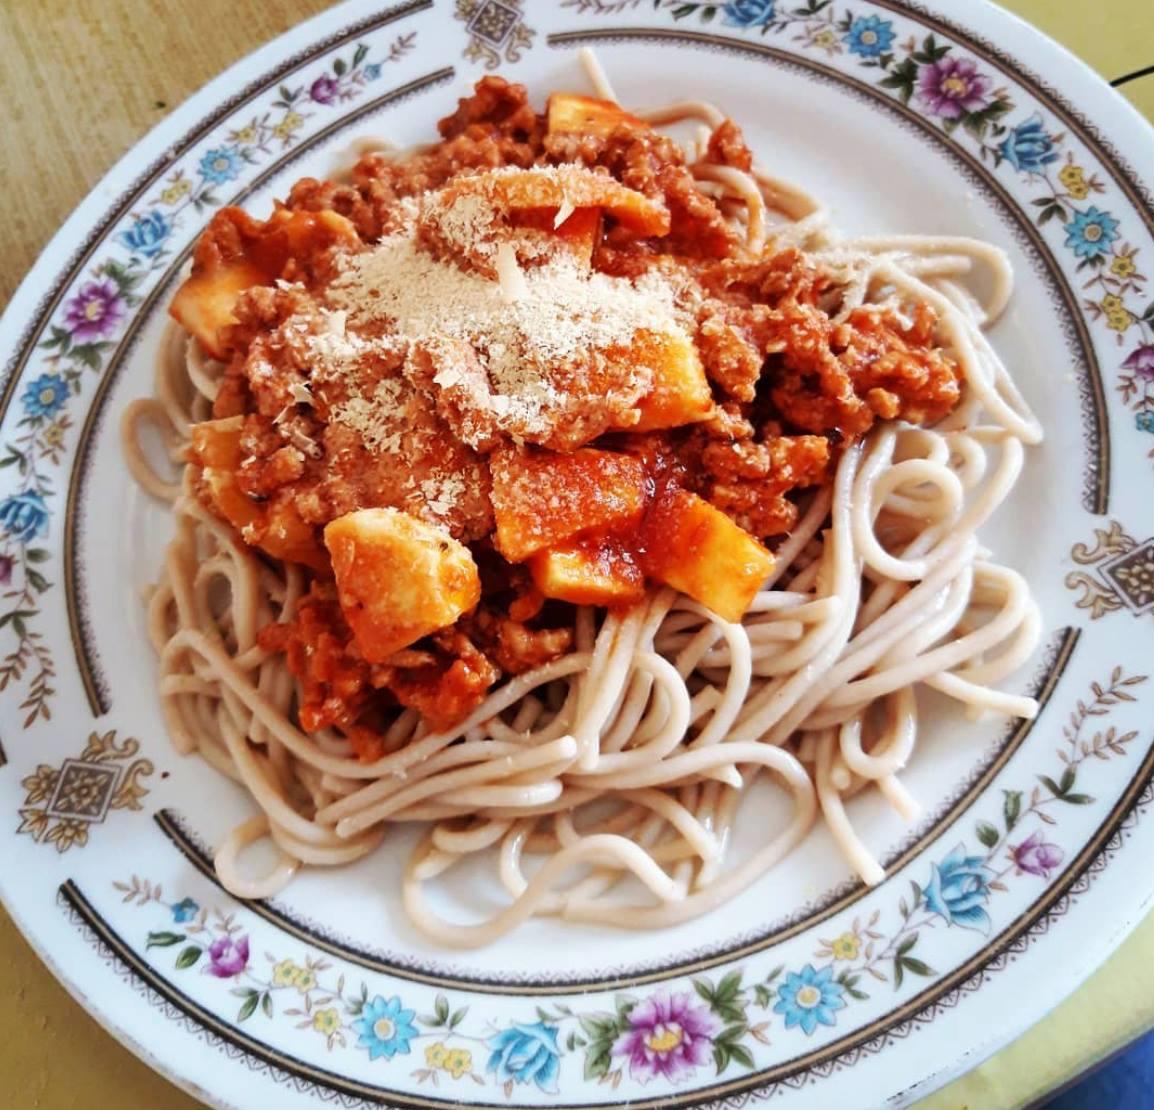 Fogyni akarsz? Egyél tésztát tésztával! Pasta-diéta, mintaétrenddel   kisdedovobolcsi.hu